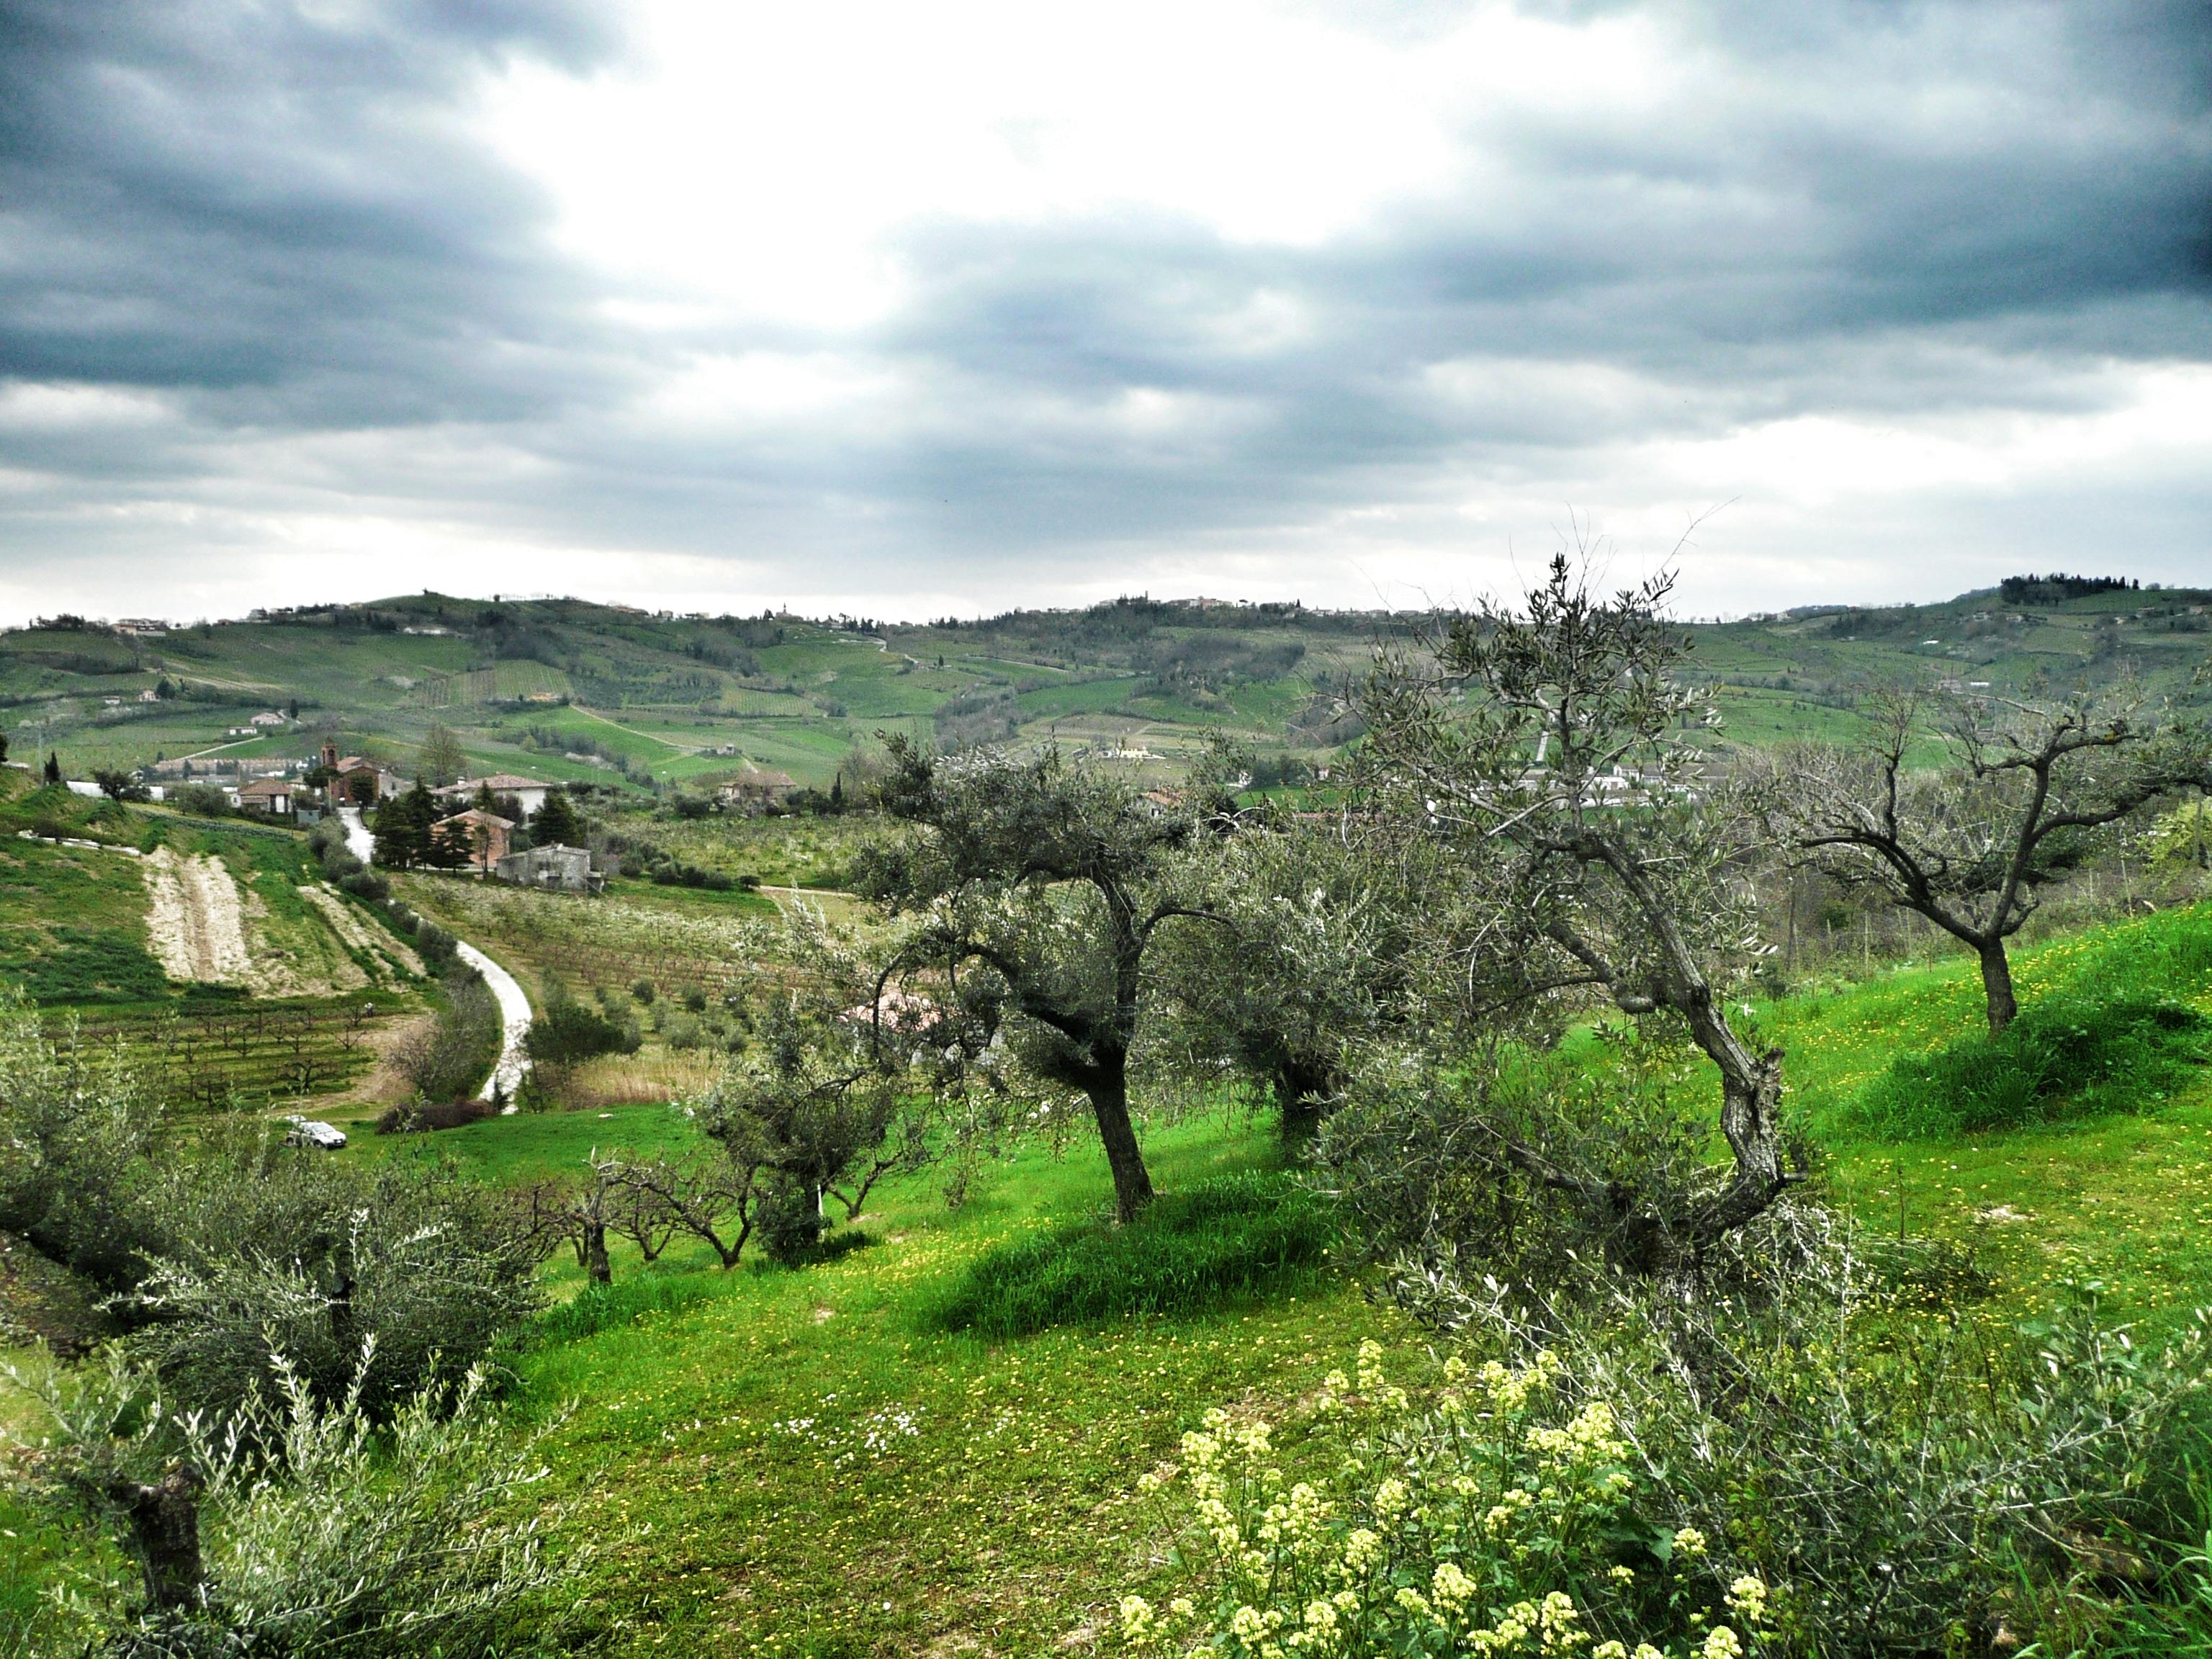 Biken in den Hügeln der Emilia Romagna